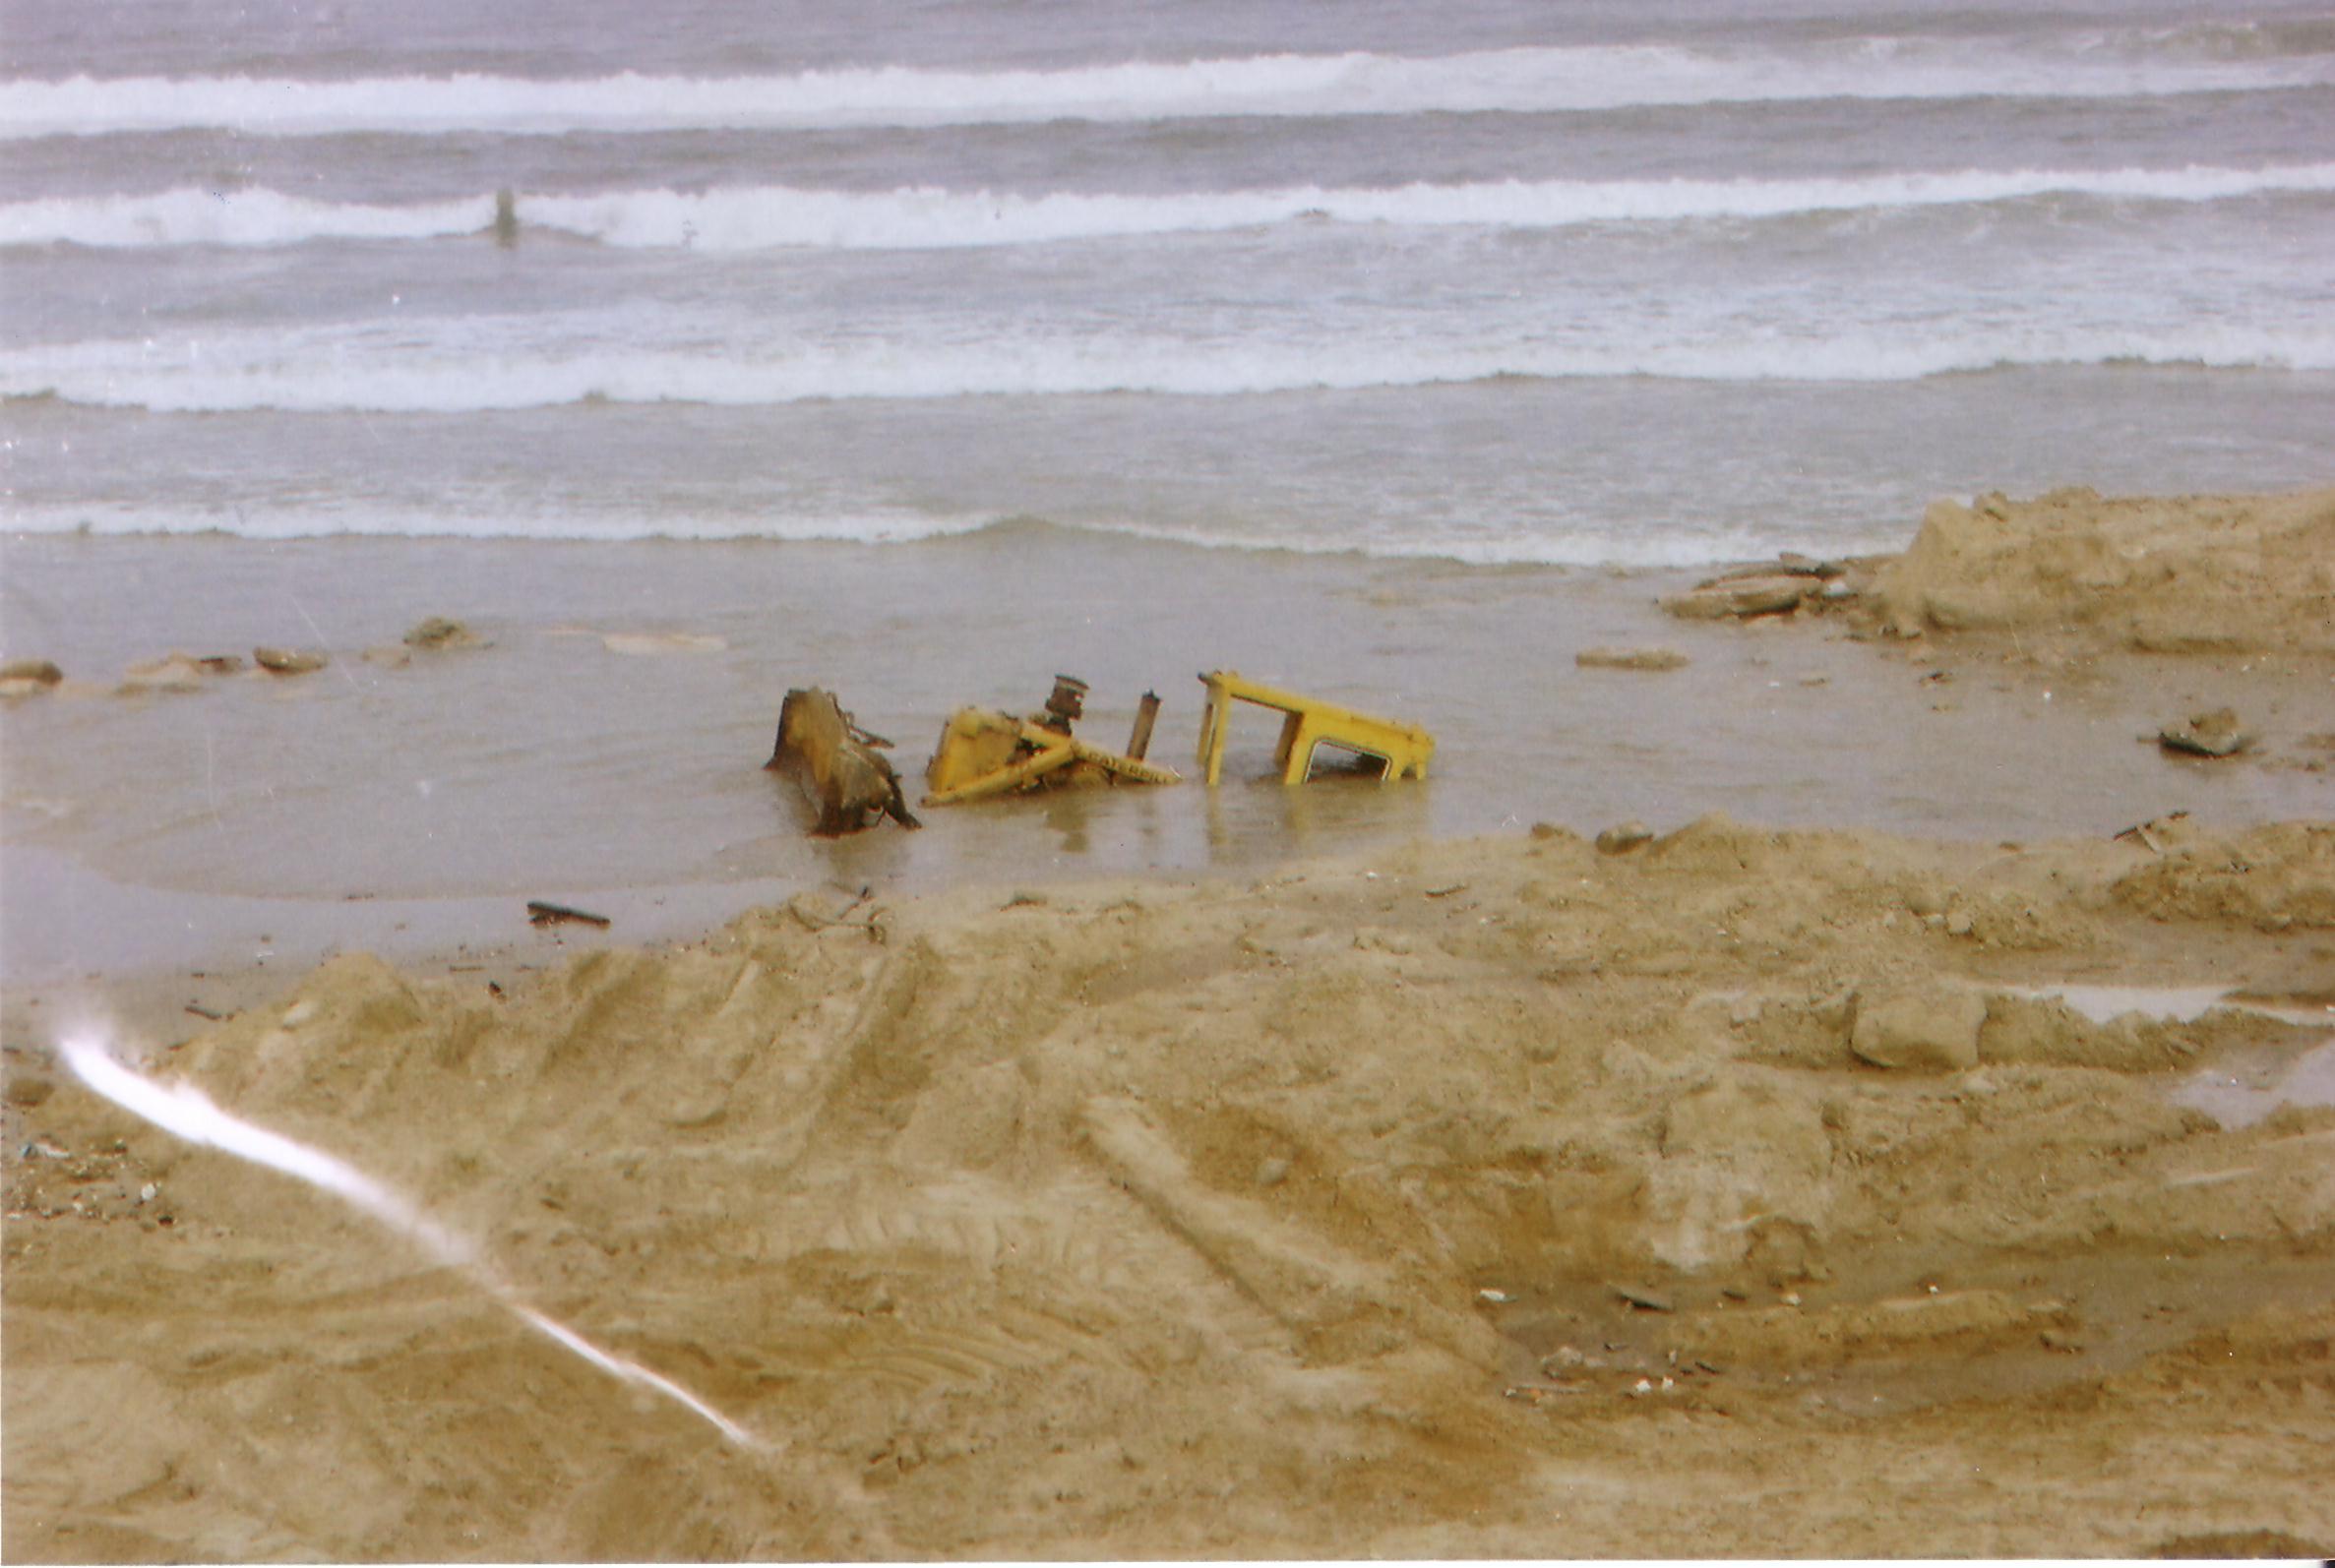 """טרקטורים וצמ""""ה - נסיונות חילוץ דחפור ששקע בים"""